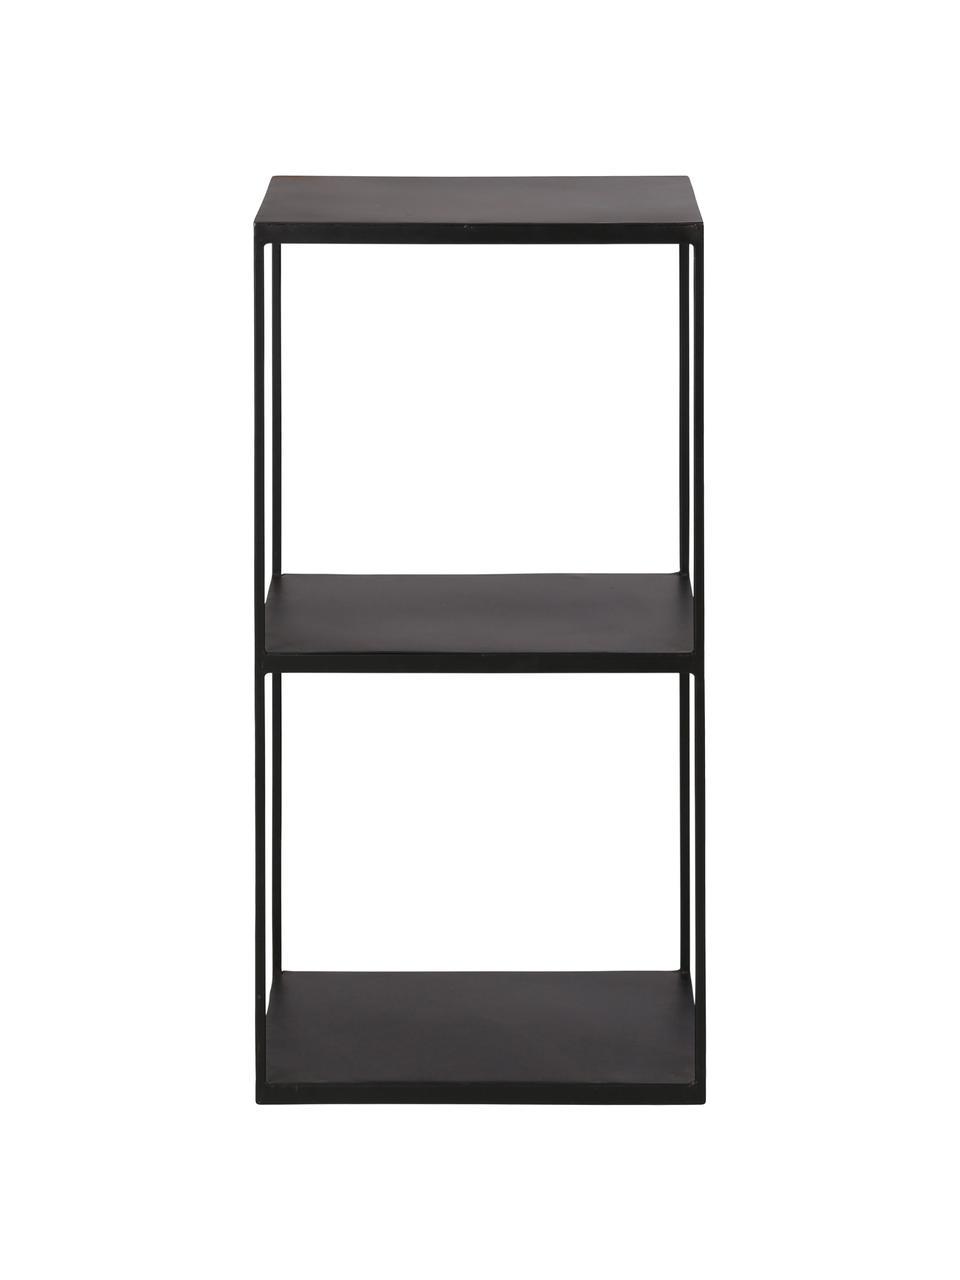 Zwart metalen wandrek Expo, Gecoat metaal, Zwart, 43 x 86 cm